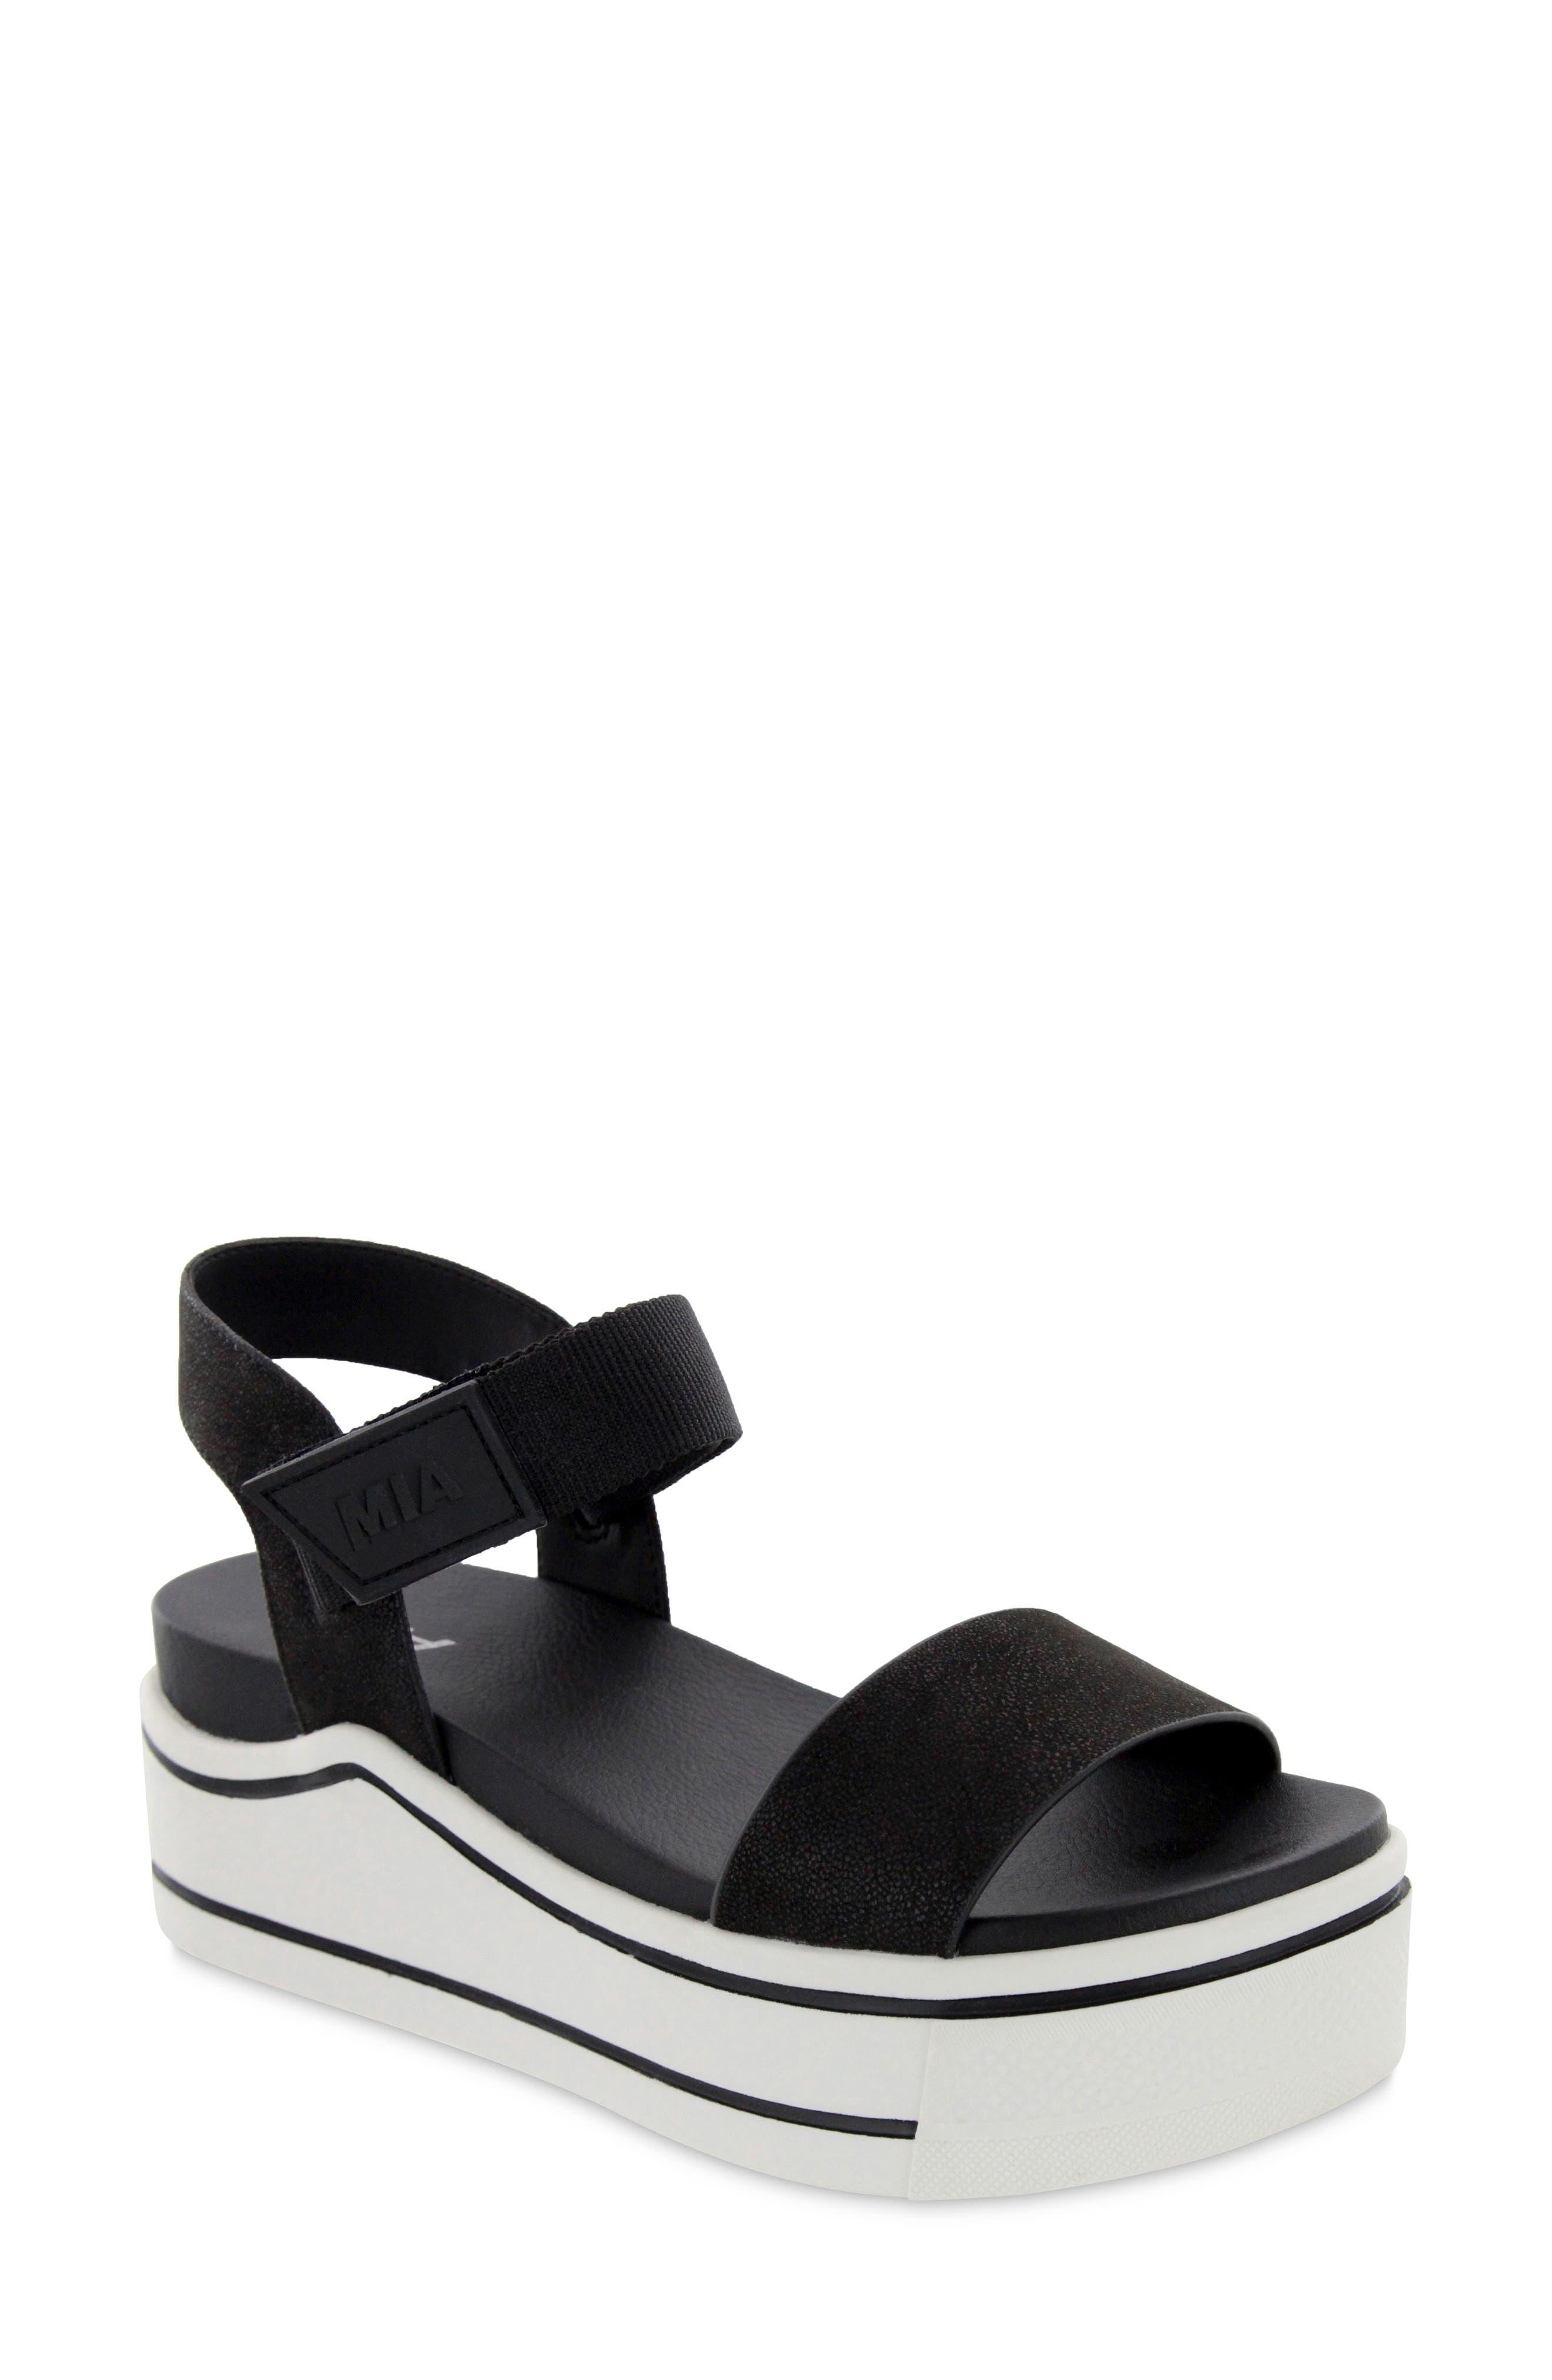 Odelia Platform Sandal